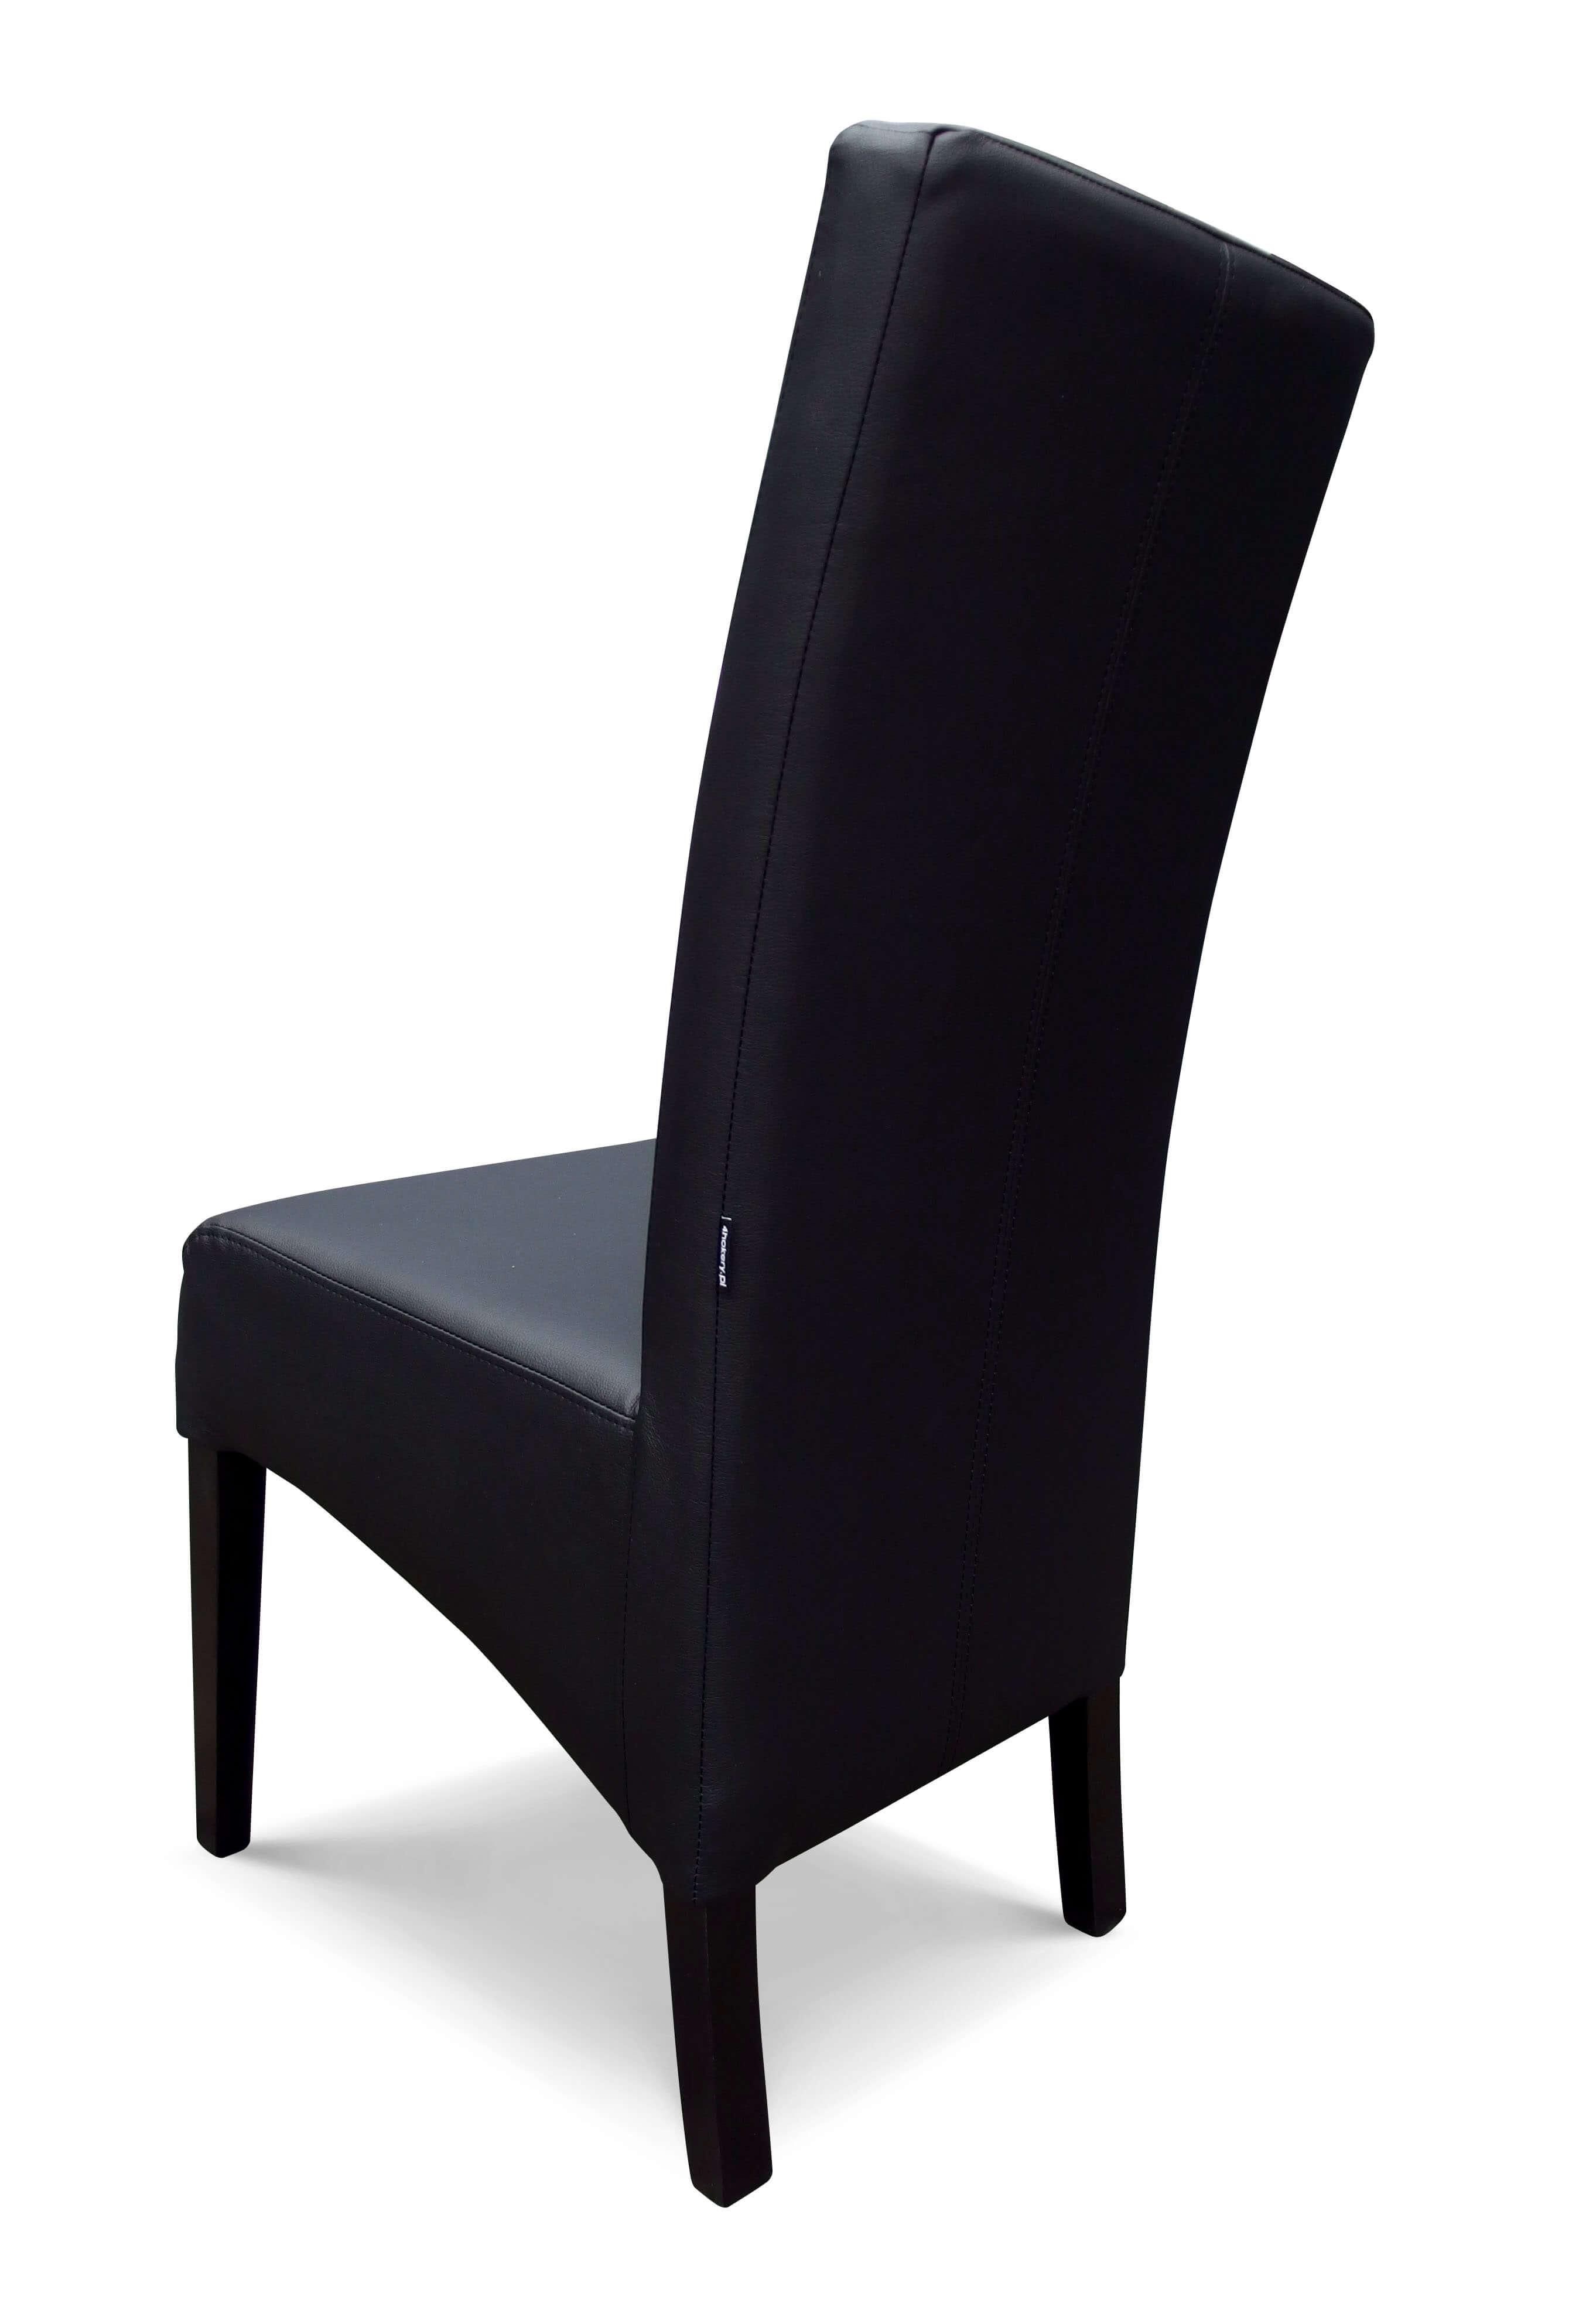 Tunis - krzesło grube, skośne, pikowane w kwadraty. Wysokość 108cm.